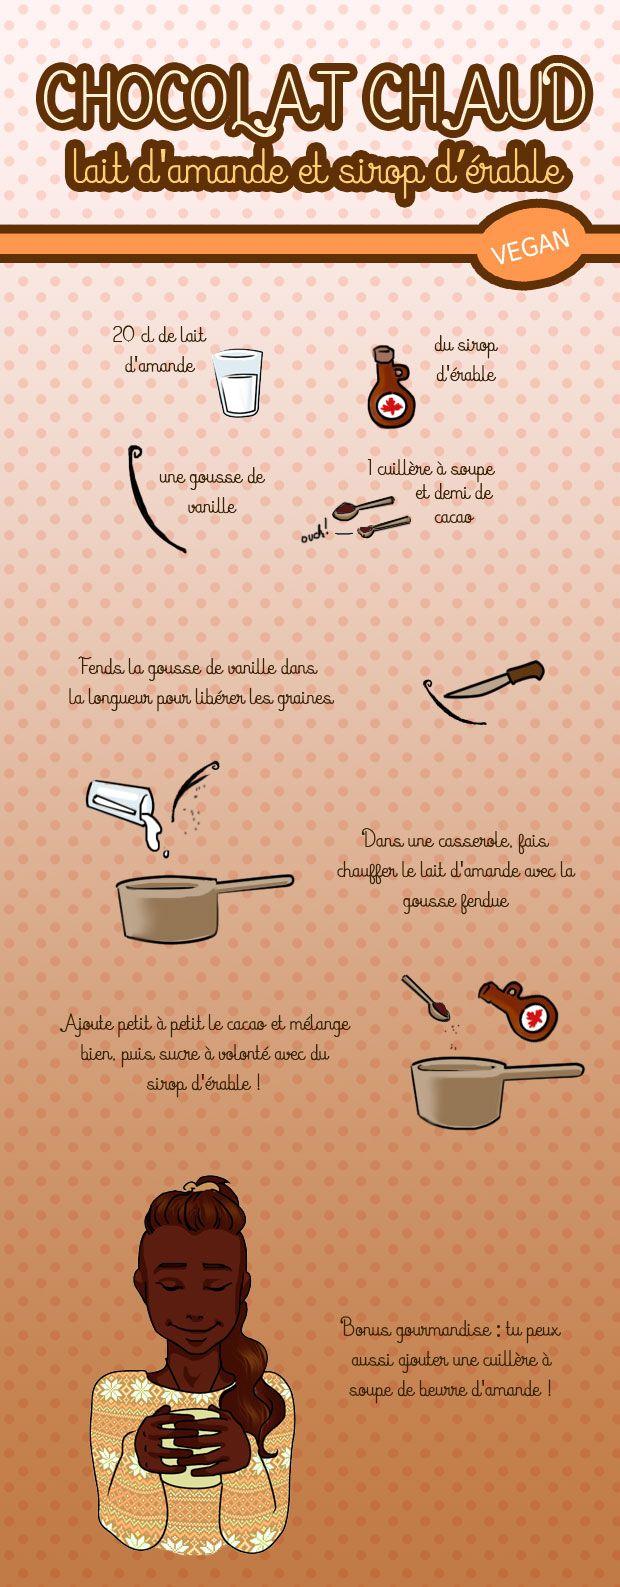 recette chocolatchaudvegan2 Le chocolat chaud du dimanche : lait damande et sirop dérable